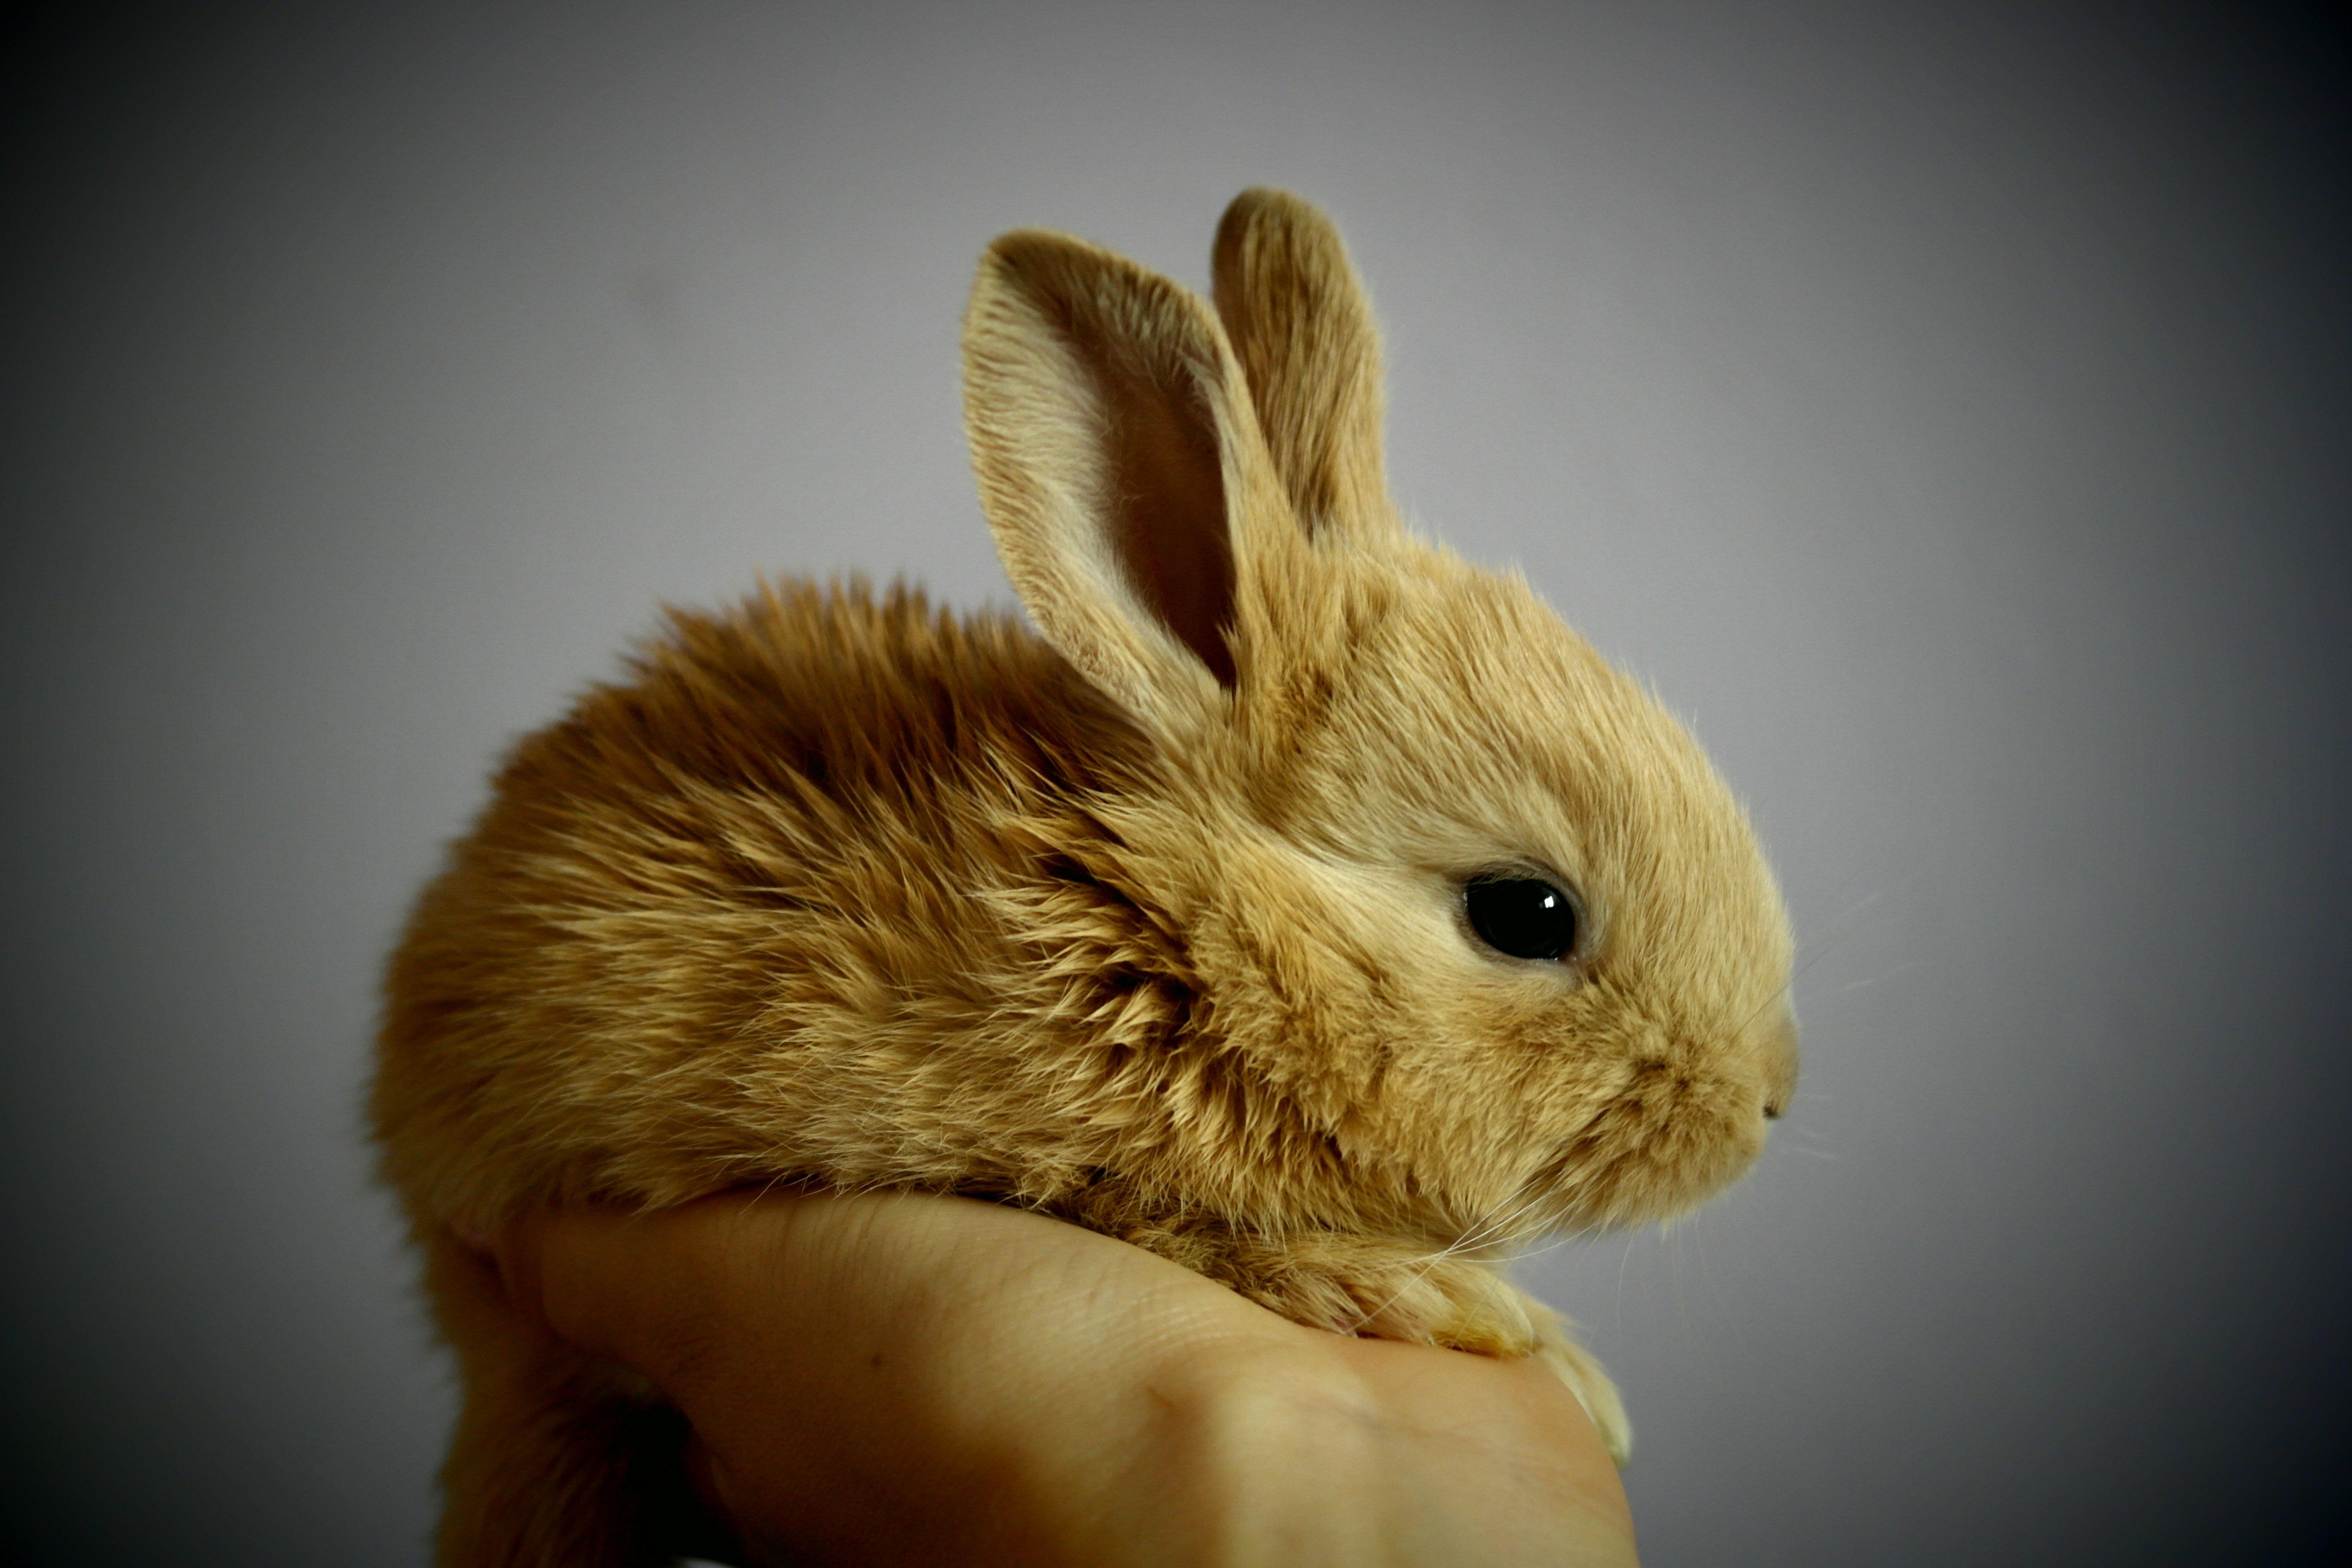 Кролик макро  № 3207763 бесплатно